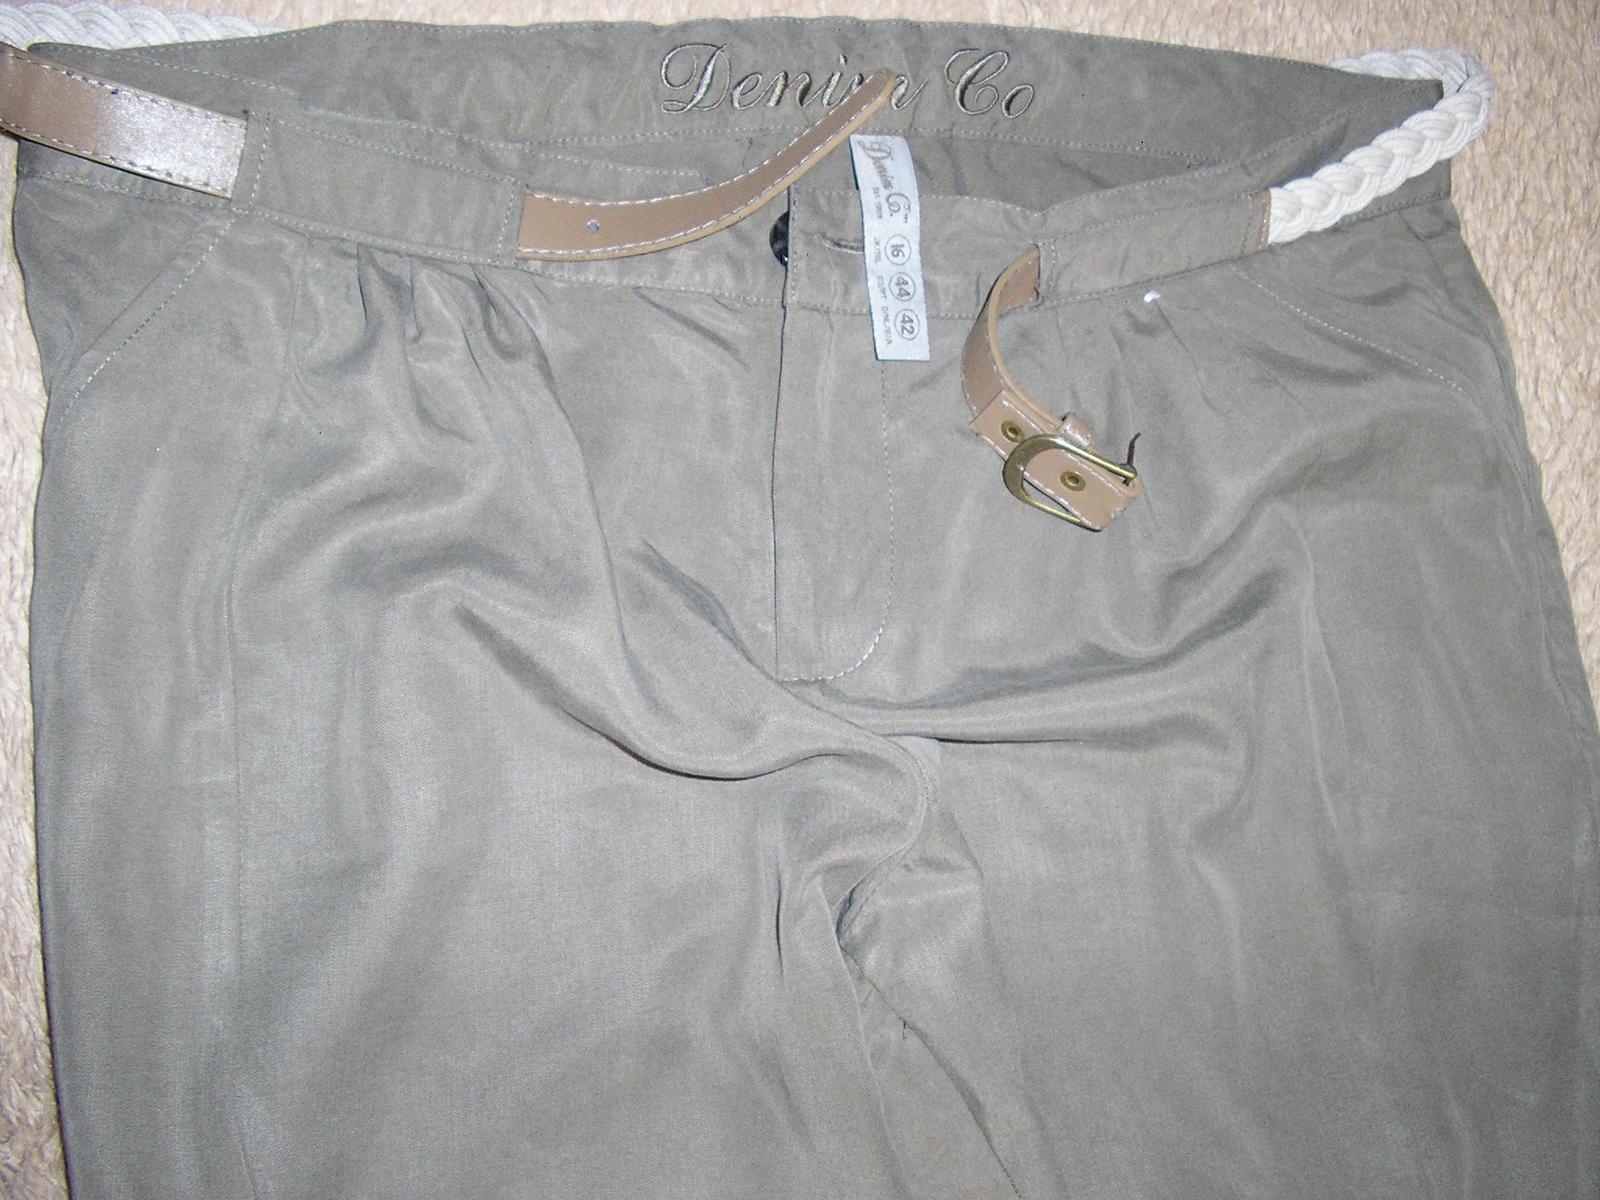 1053 nohavice DENIM - Obrázok č. 1